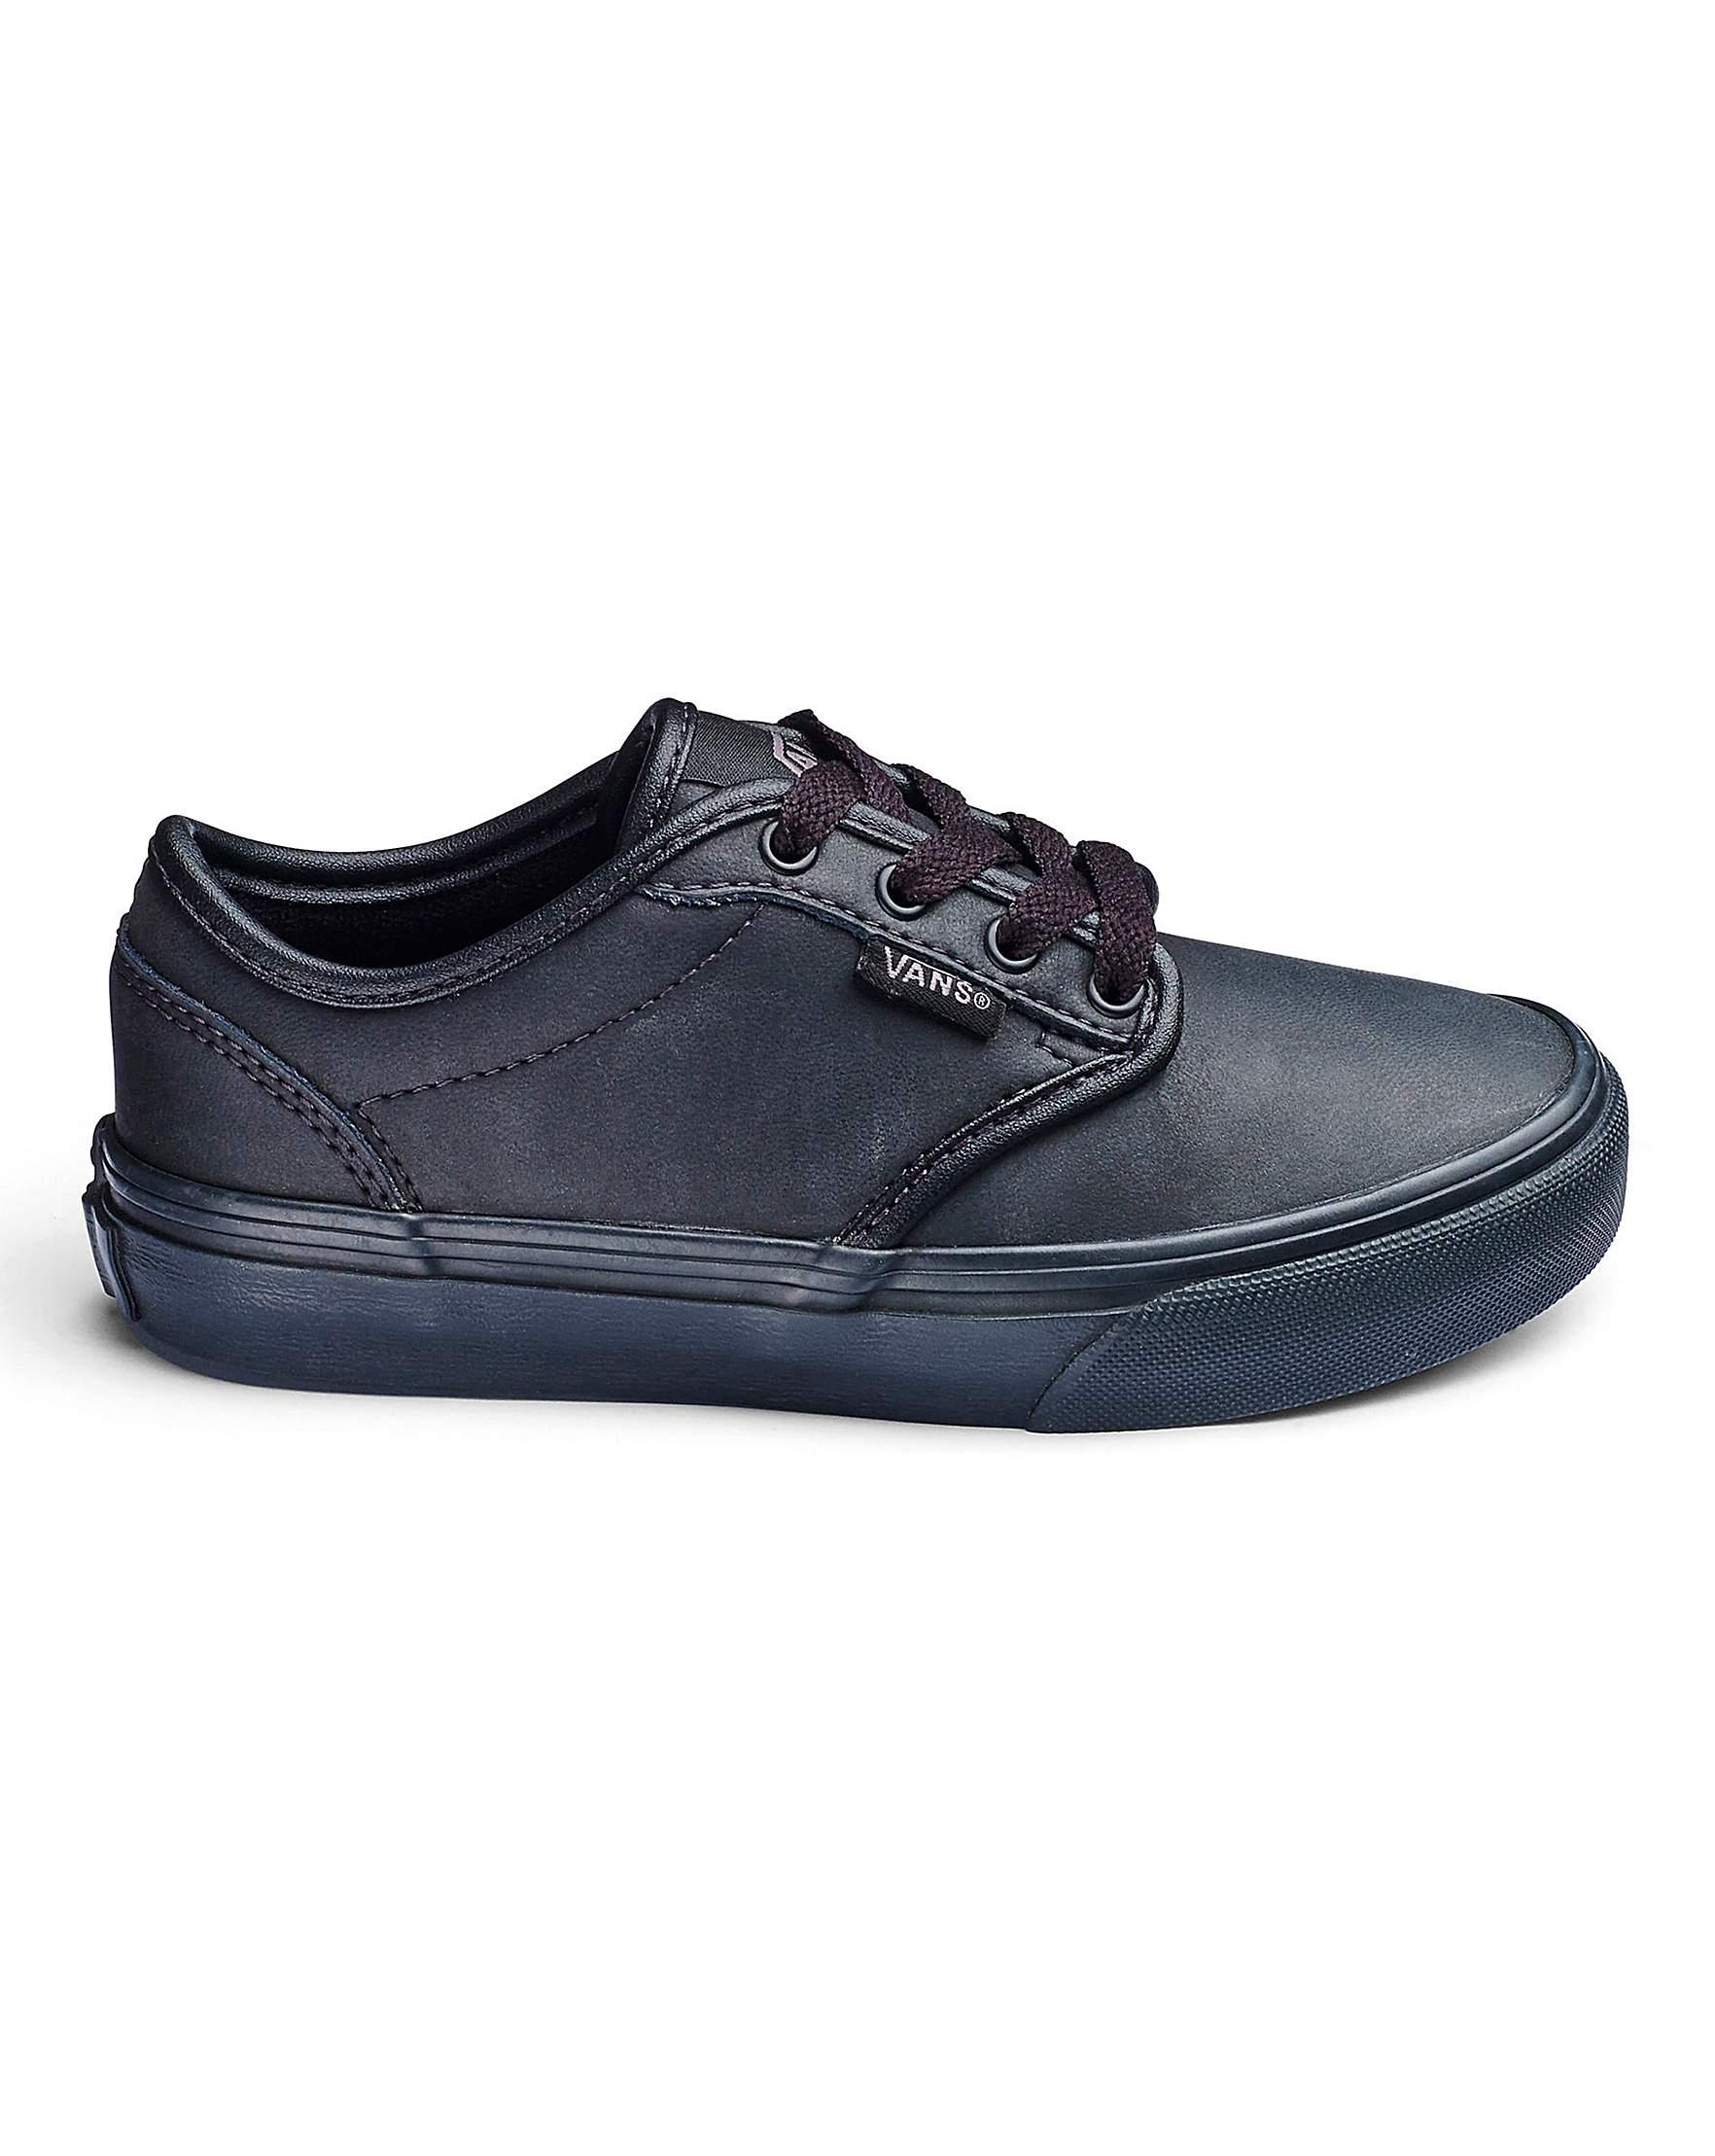 61e94d66d06c2f Vans Atwood Lace Up Shoes